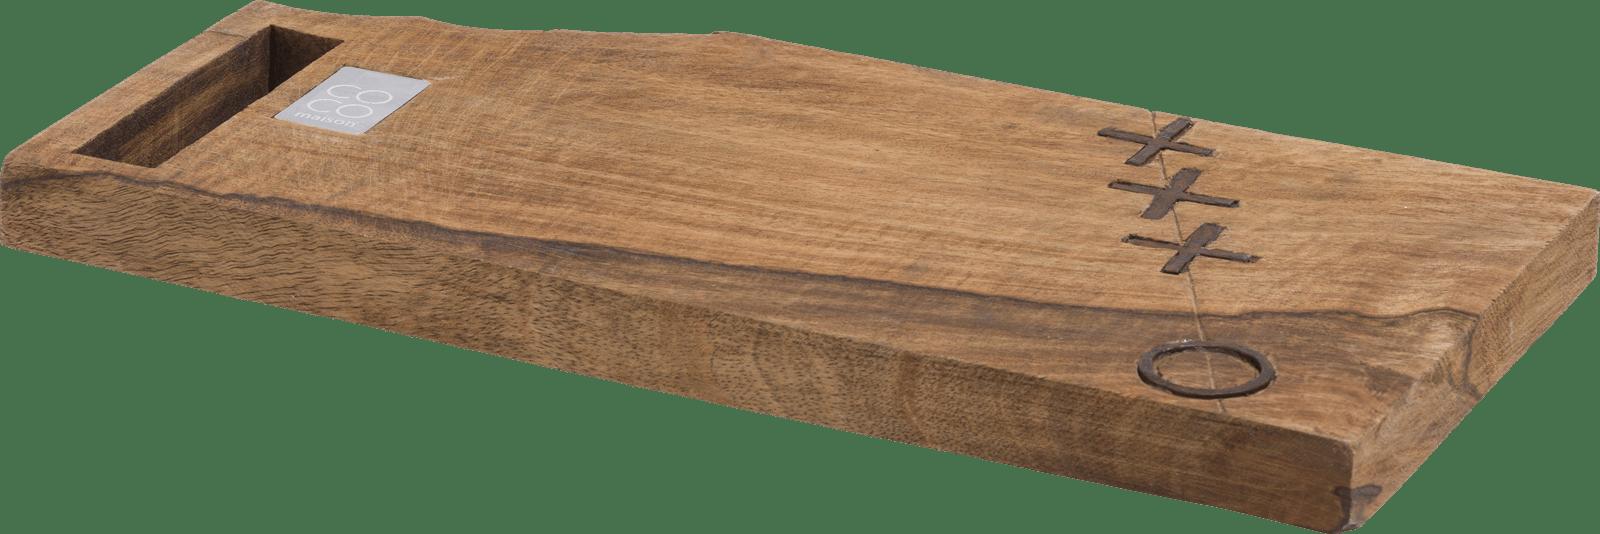 Coco Maison - schneidebrett maona - 16,5 x 55,5 cm